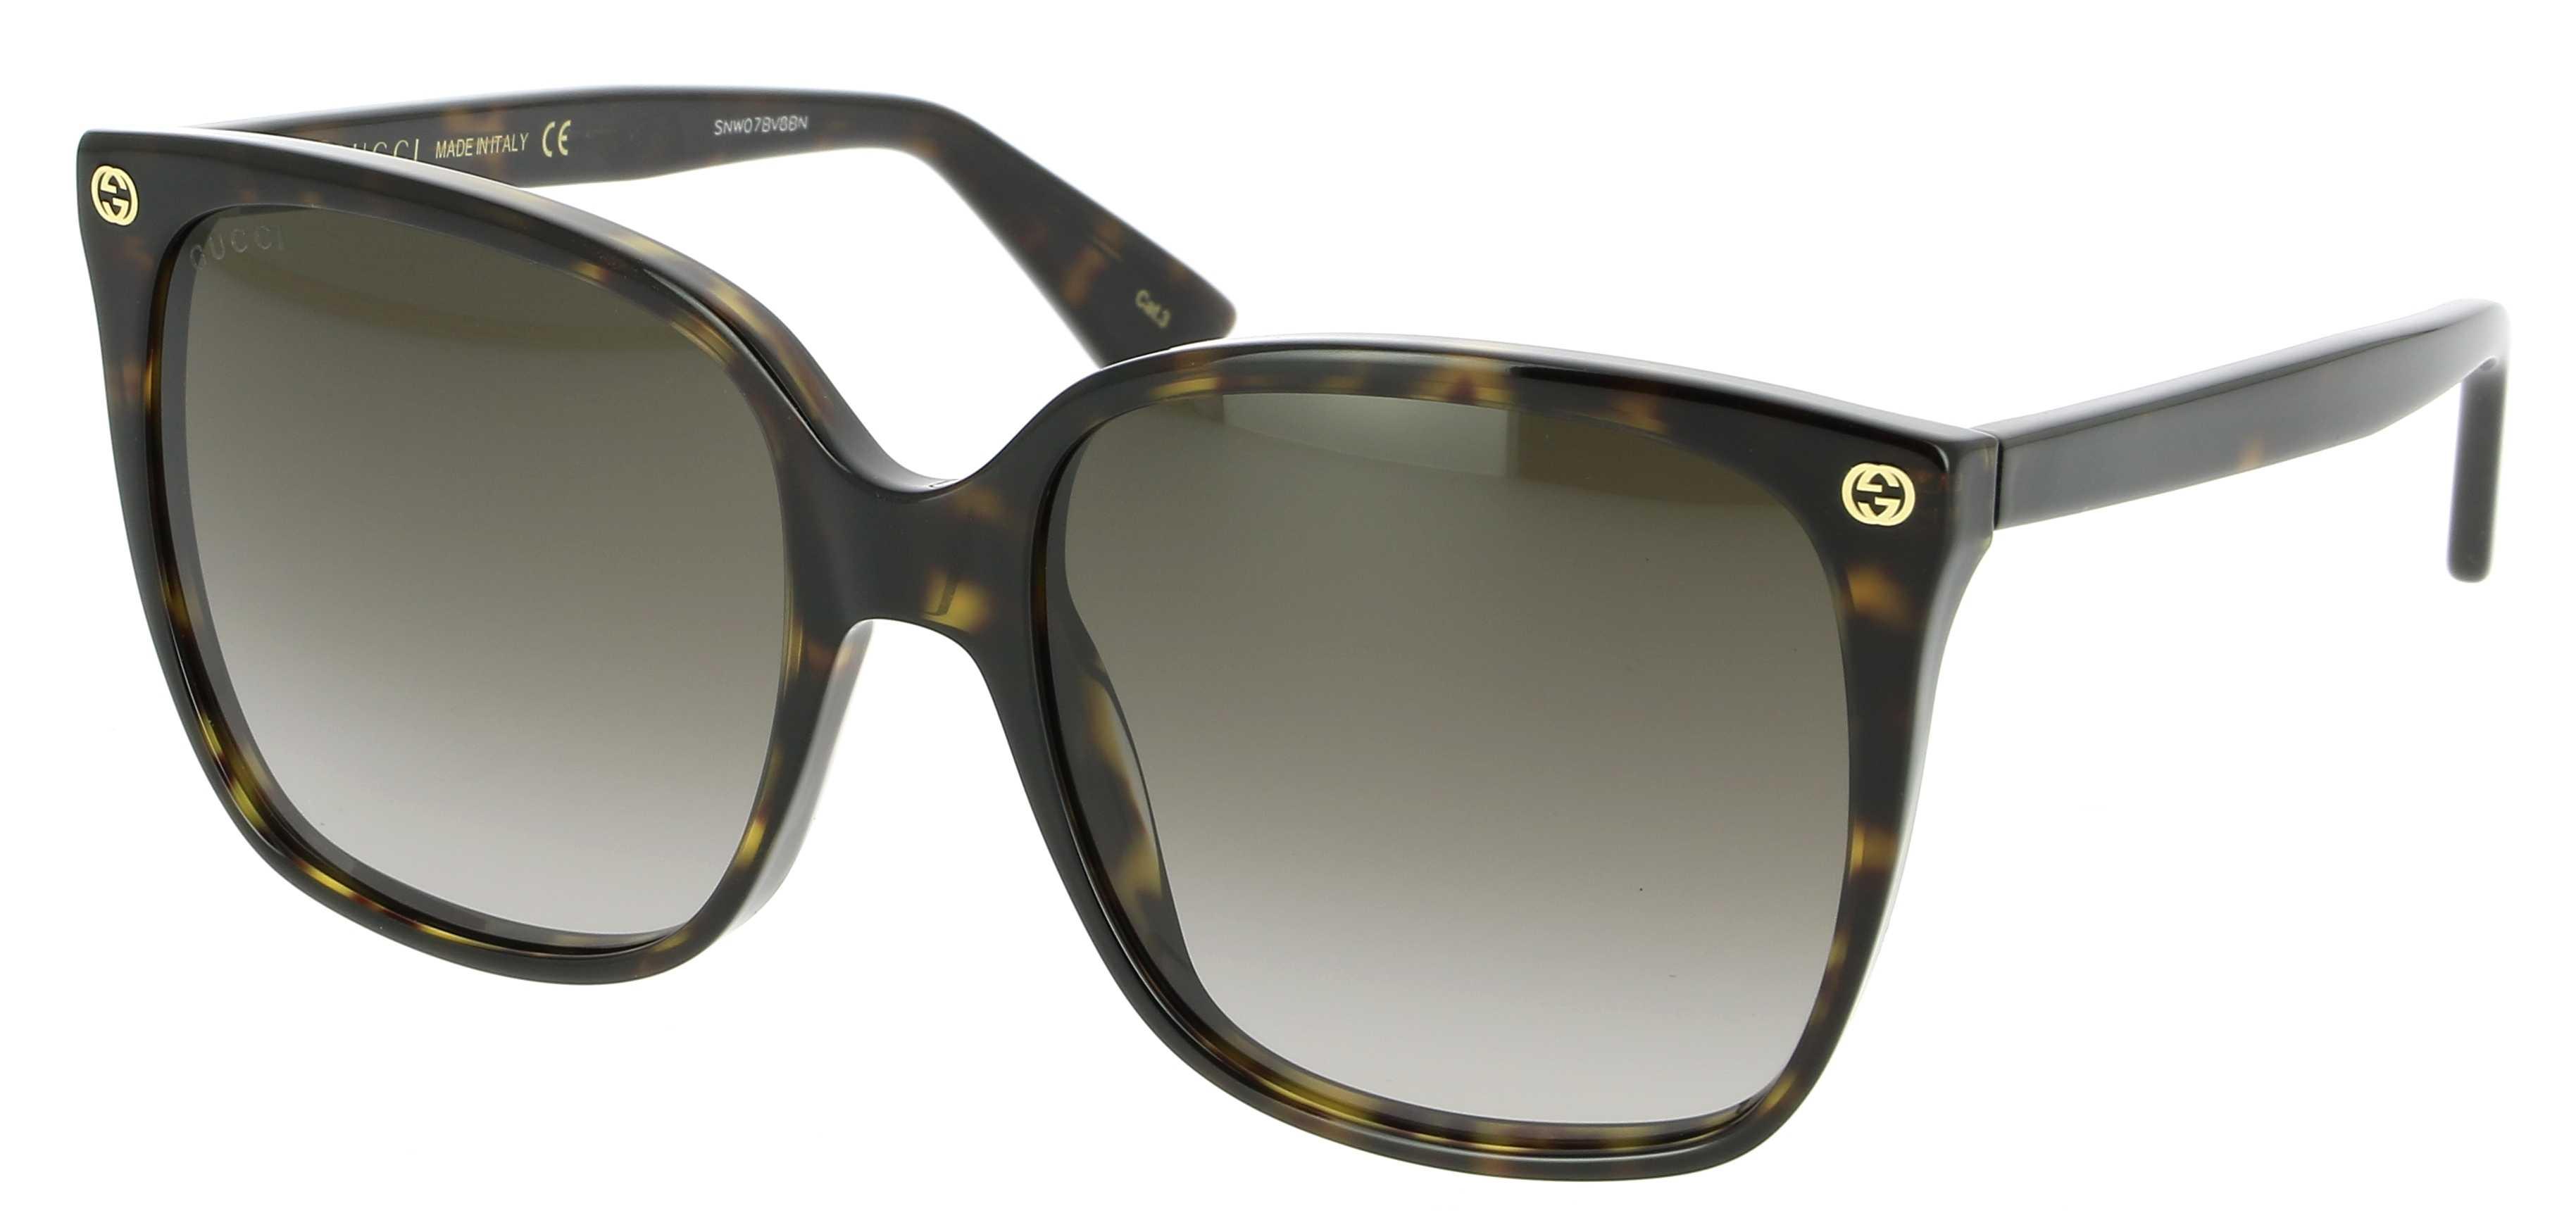 f6e242d12df53 Le classement des meilleures lunettes de soleil de l année photo 3